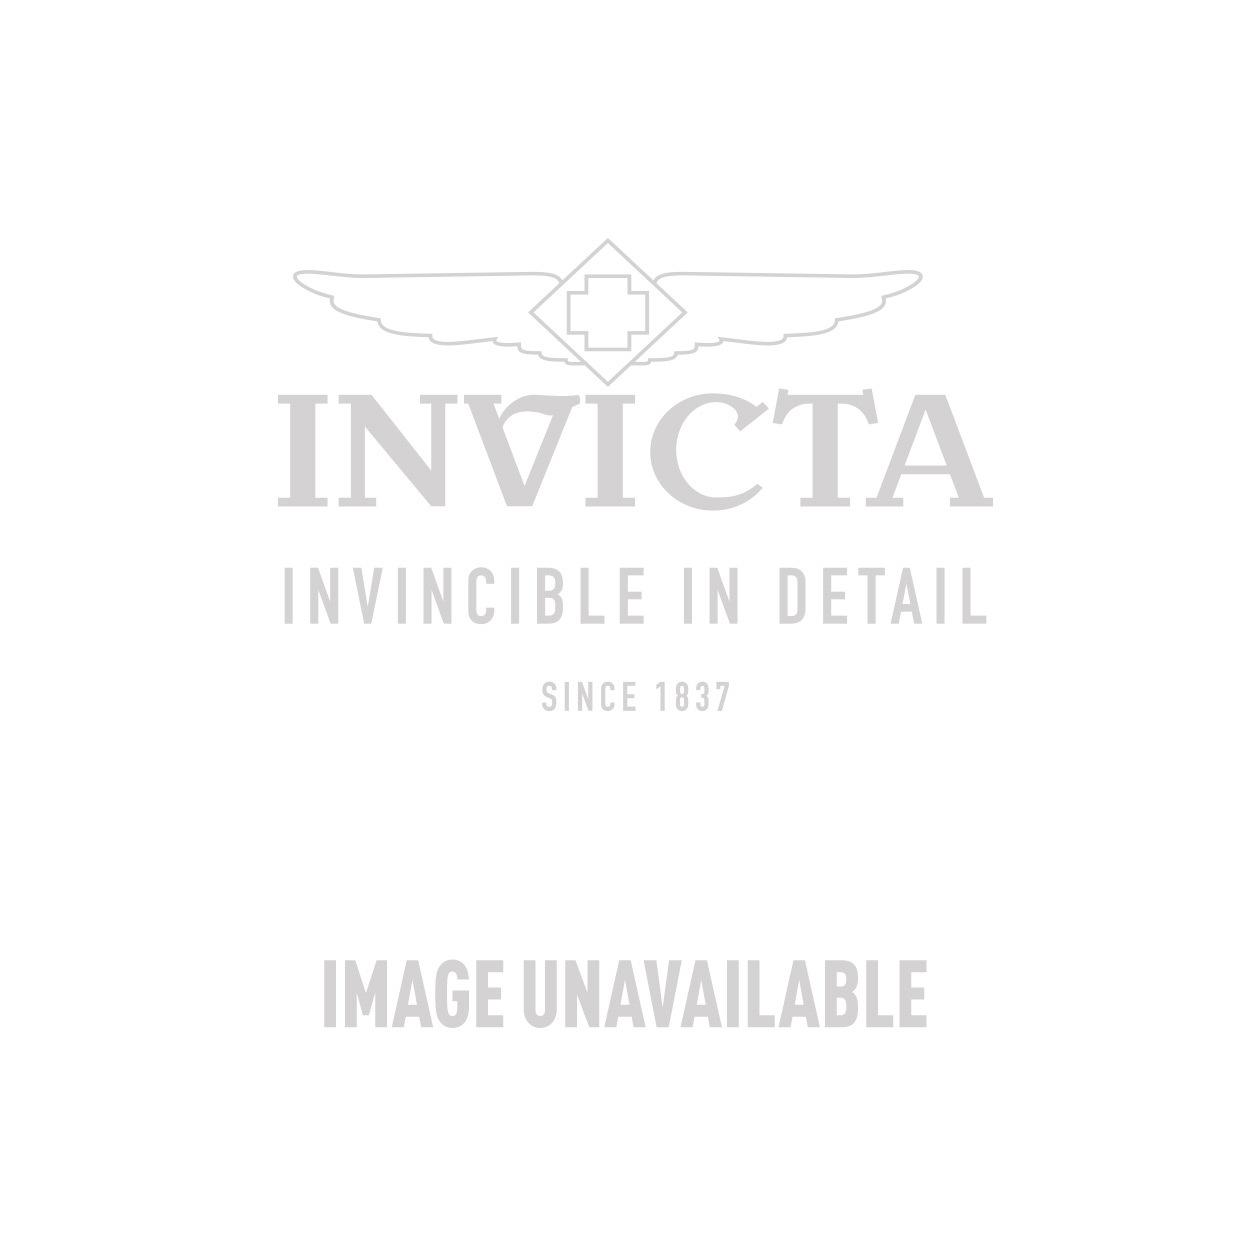 Invicta Model 28186